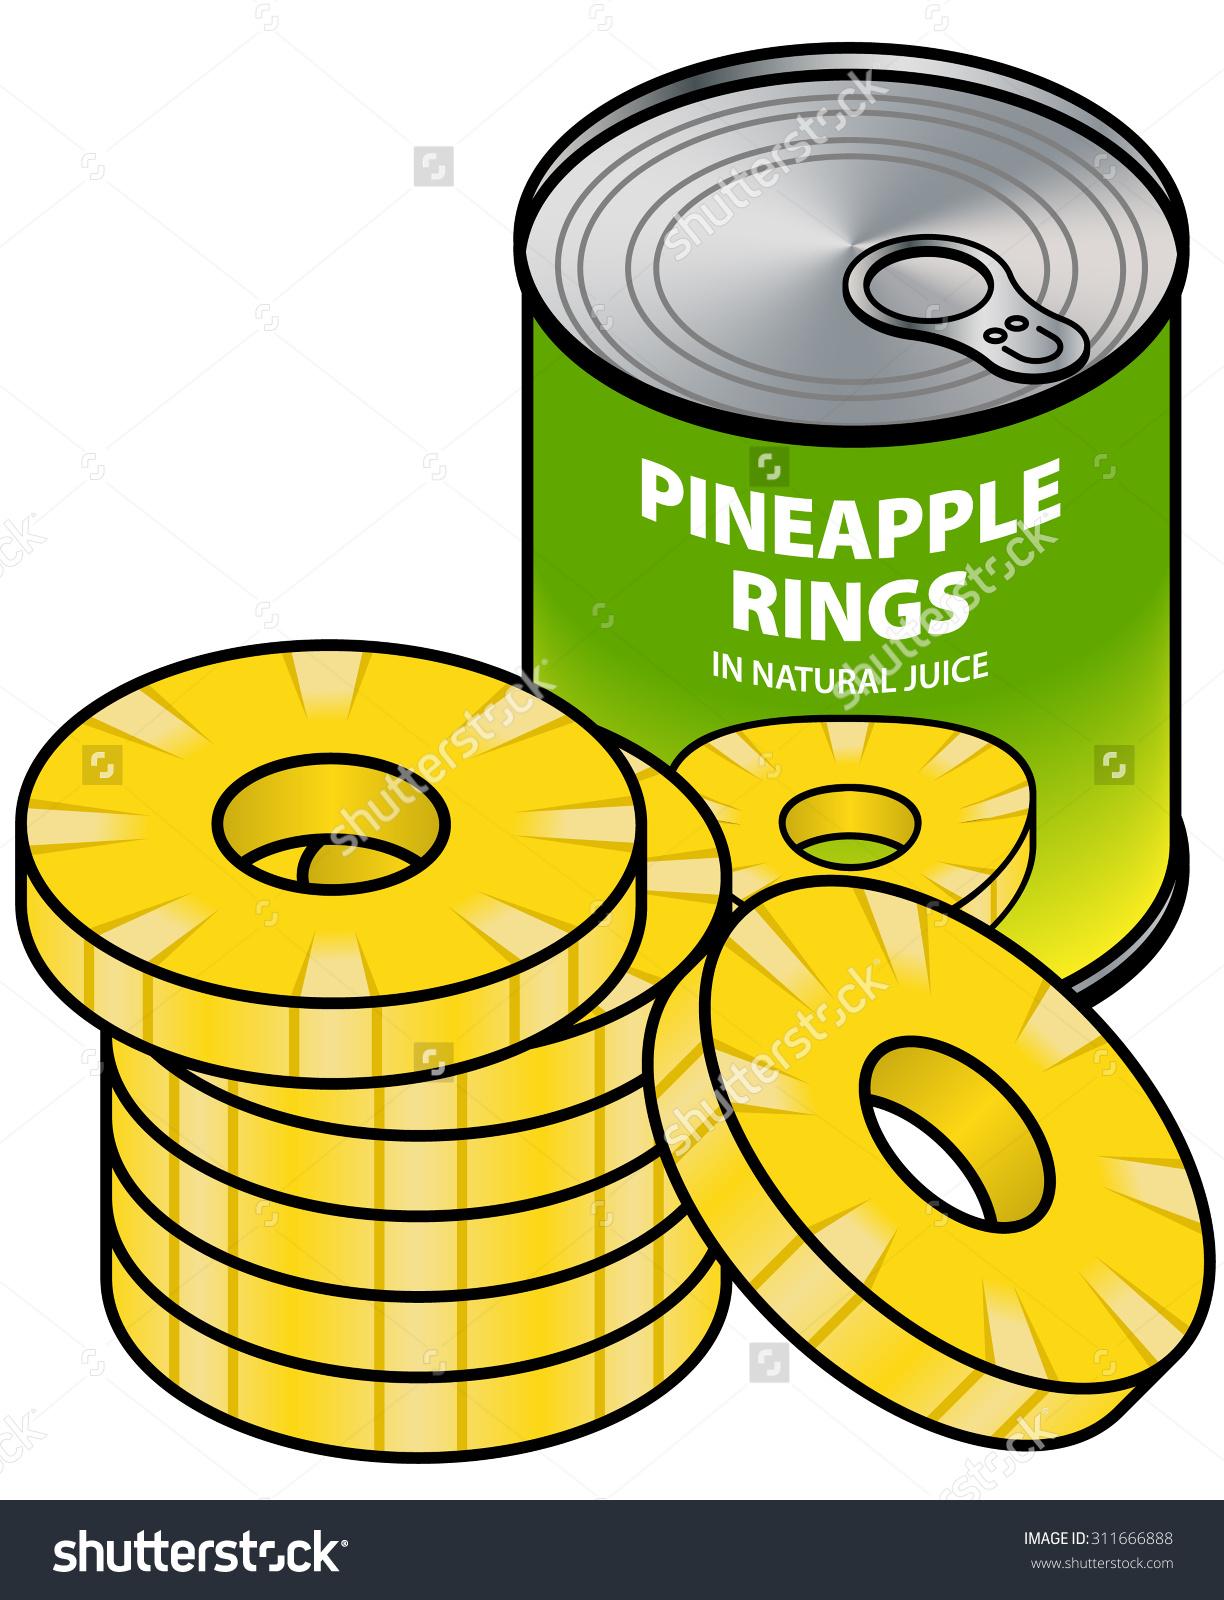 Tinned Pineapple Rings Stock Vector 311666888.